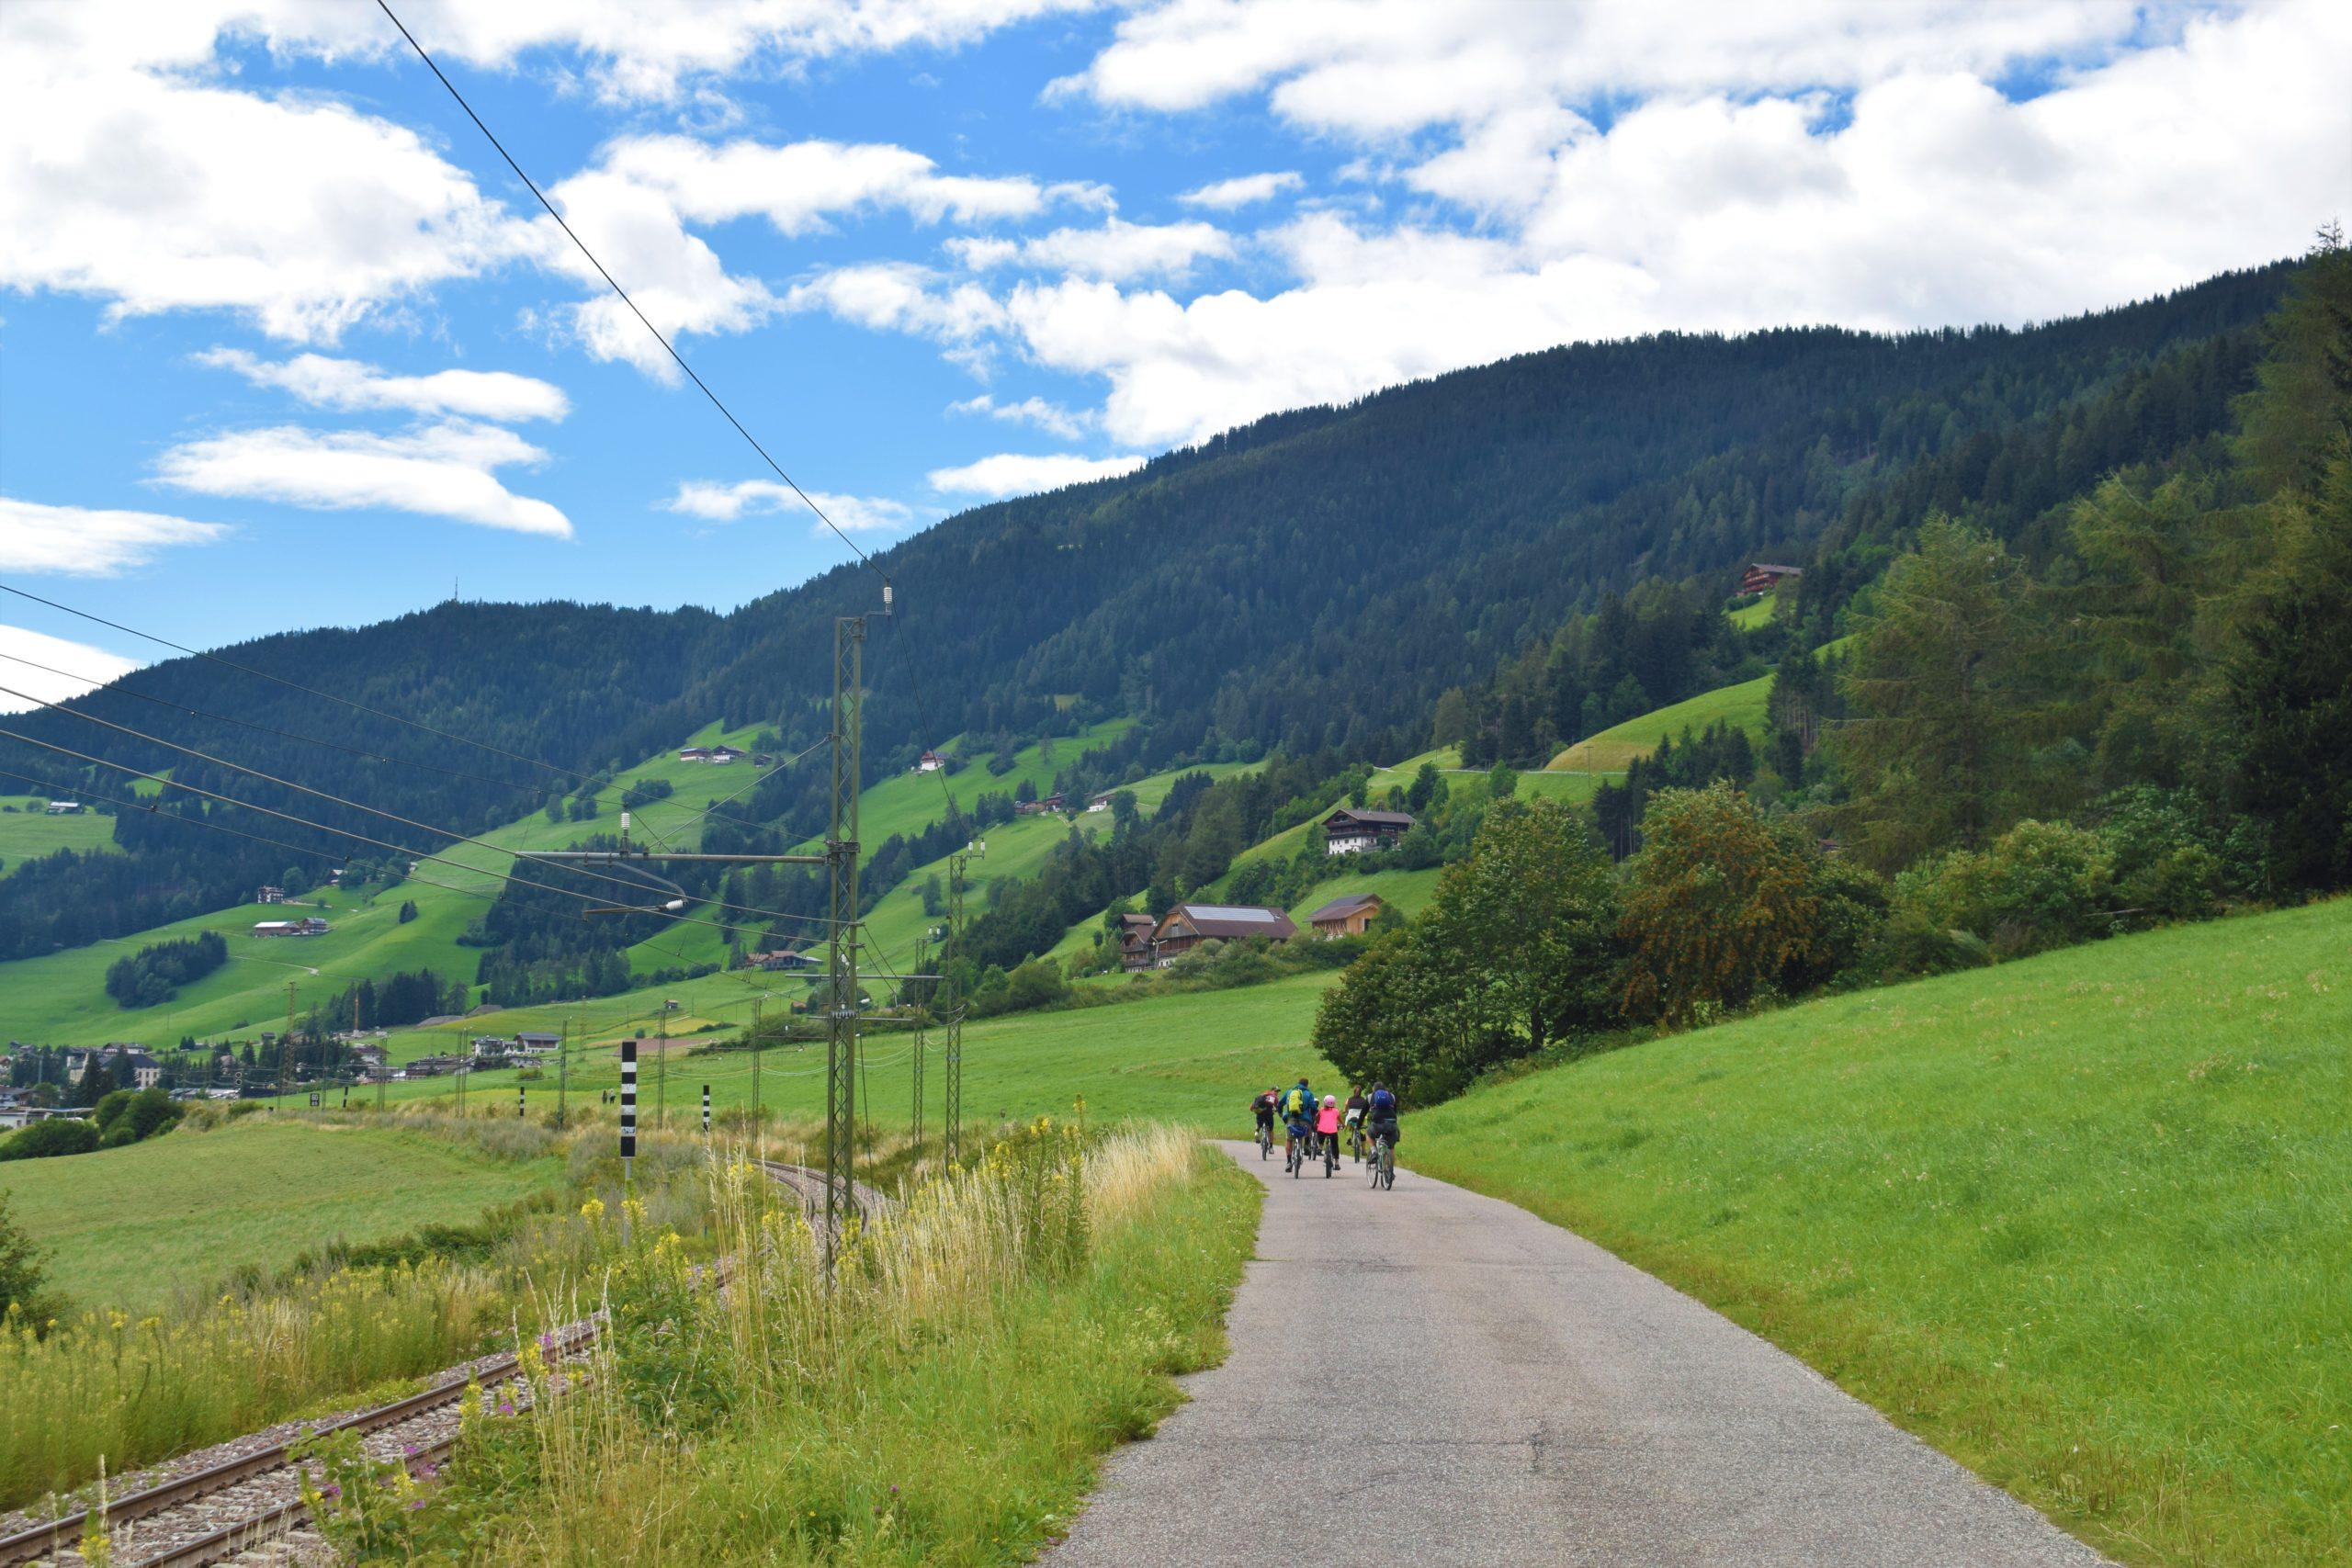 La Ciclabile della Drava: da San Candido a Lienz - I Viaggi di Ciopilla